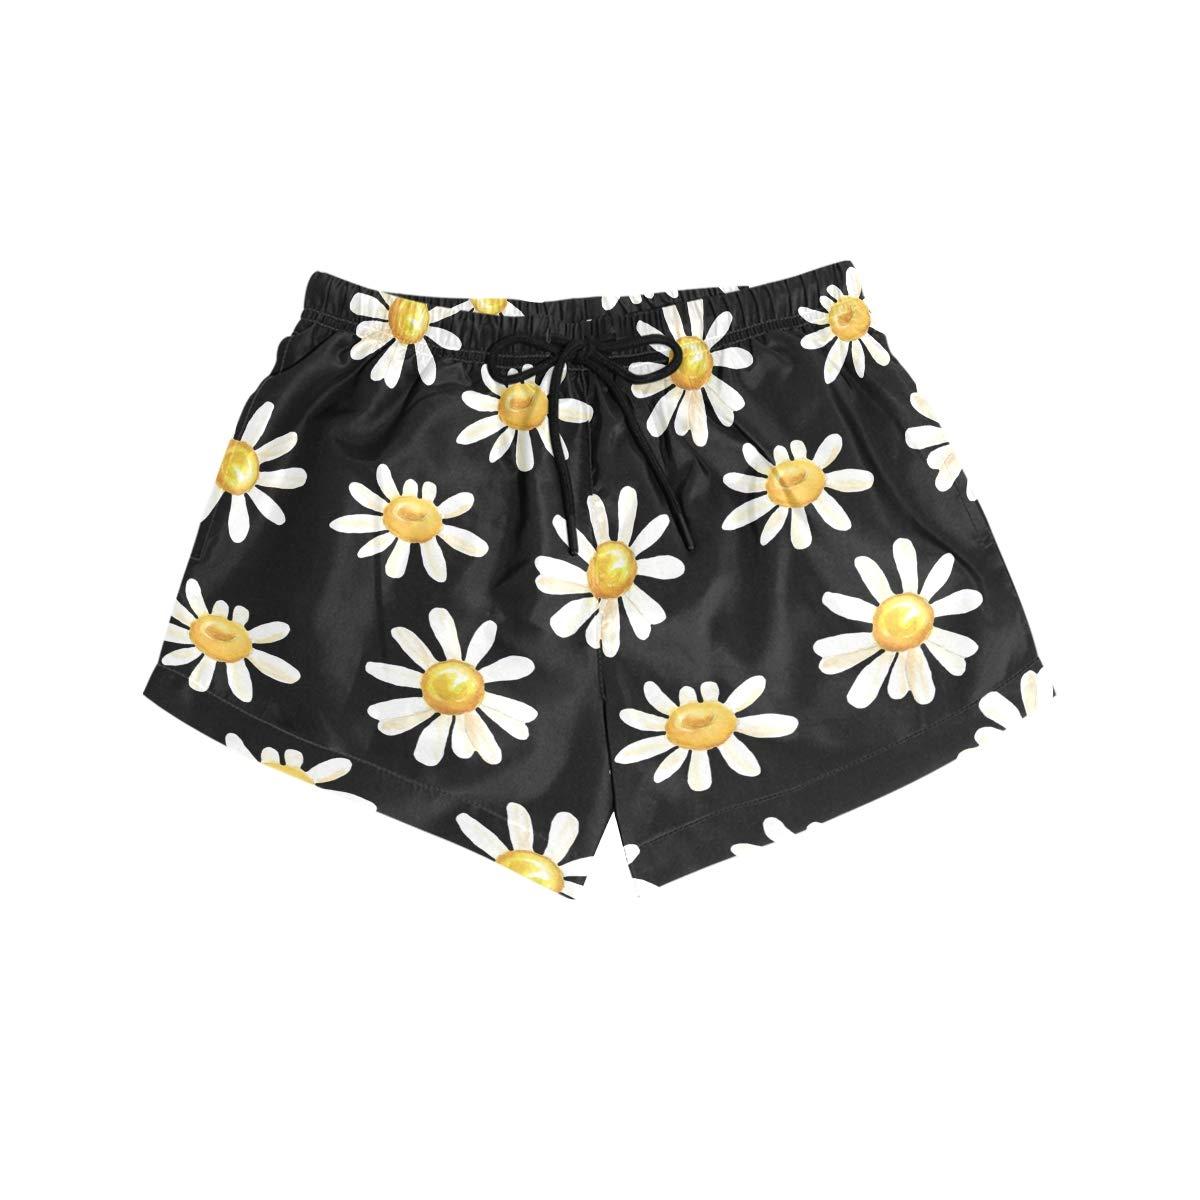 Women Swim Trunks Little Daisy Flowers Black Background Beach Board Shorts